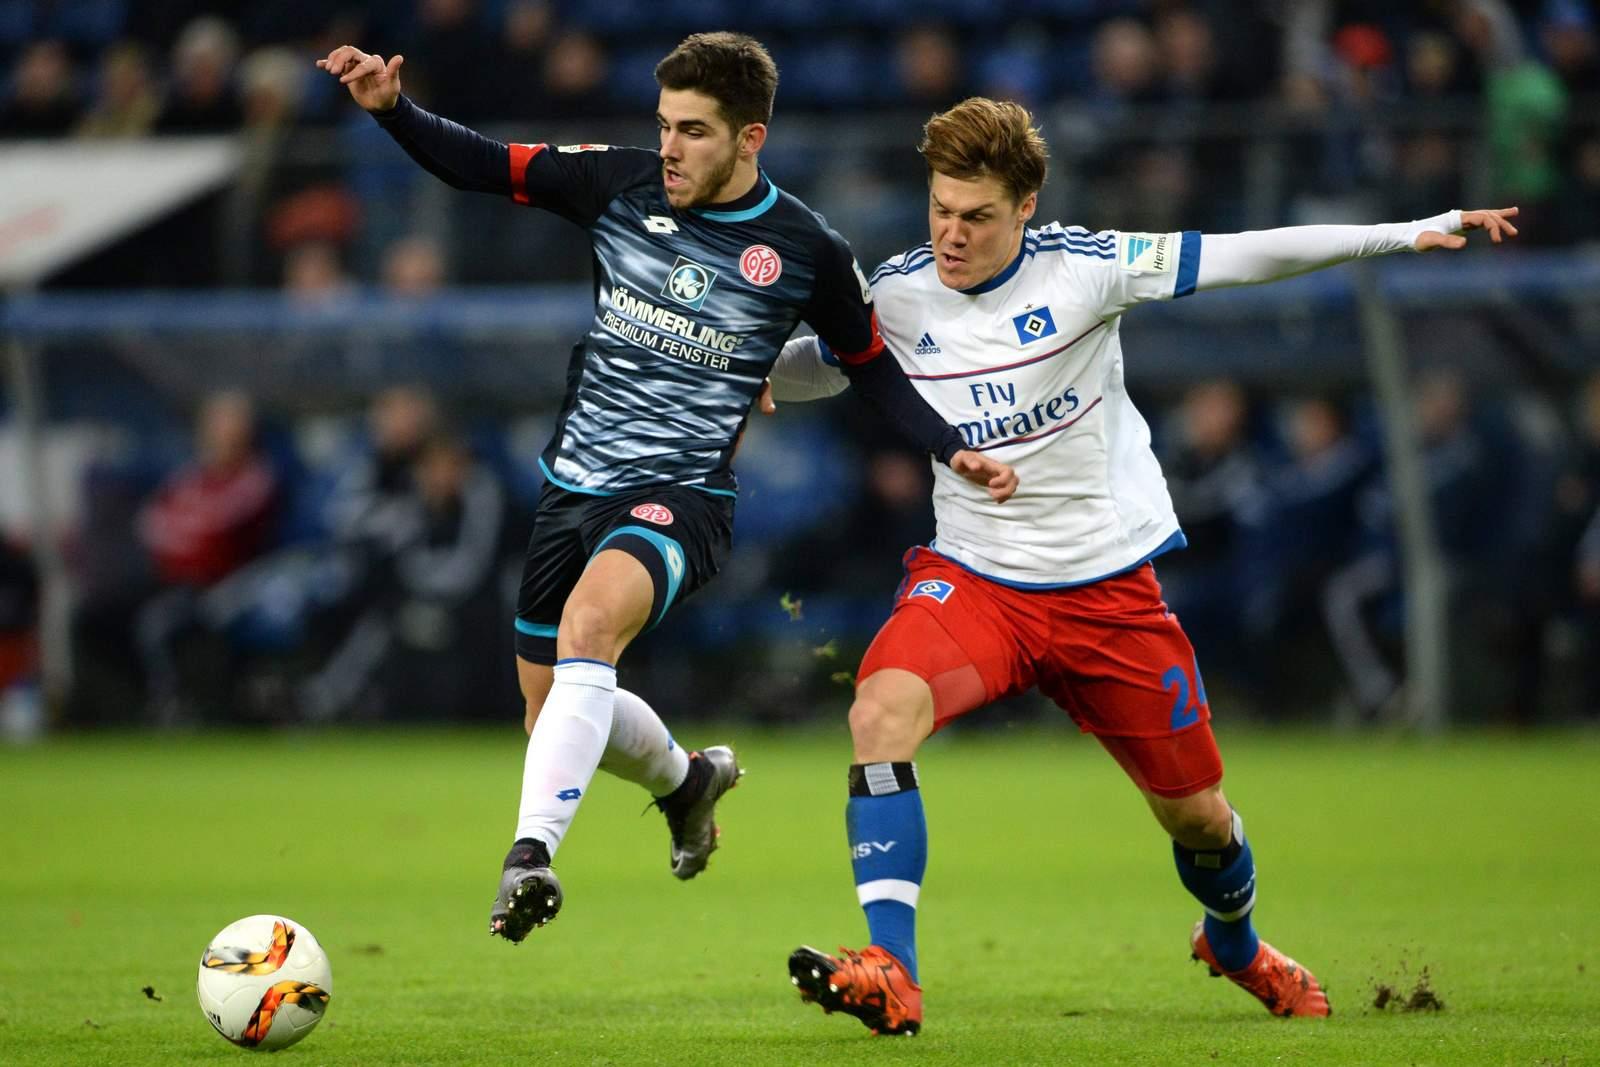 Jairo Samperio im Zweikampf mit Gotoku Sakai. Jetzt auf Mainz gegen HSV wetten!